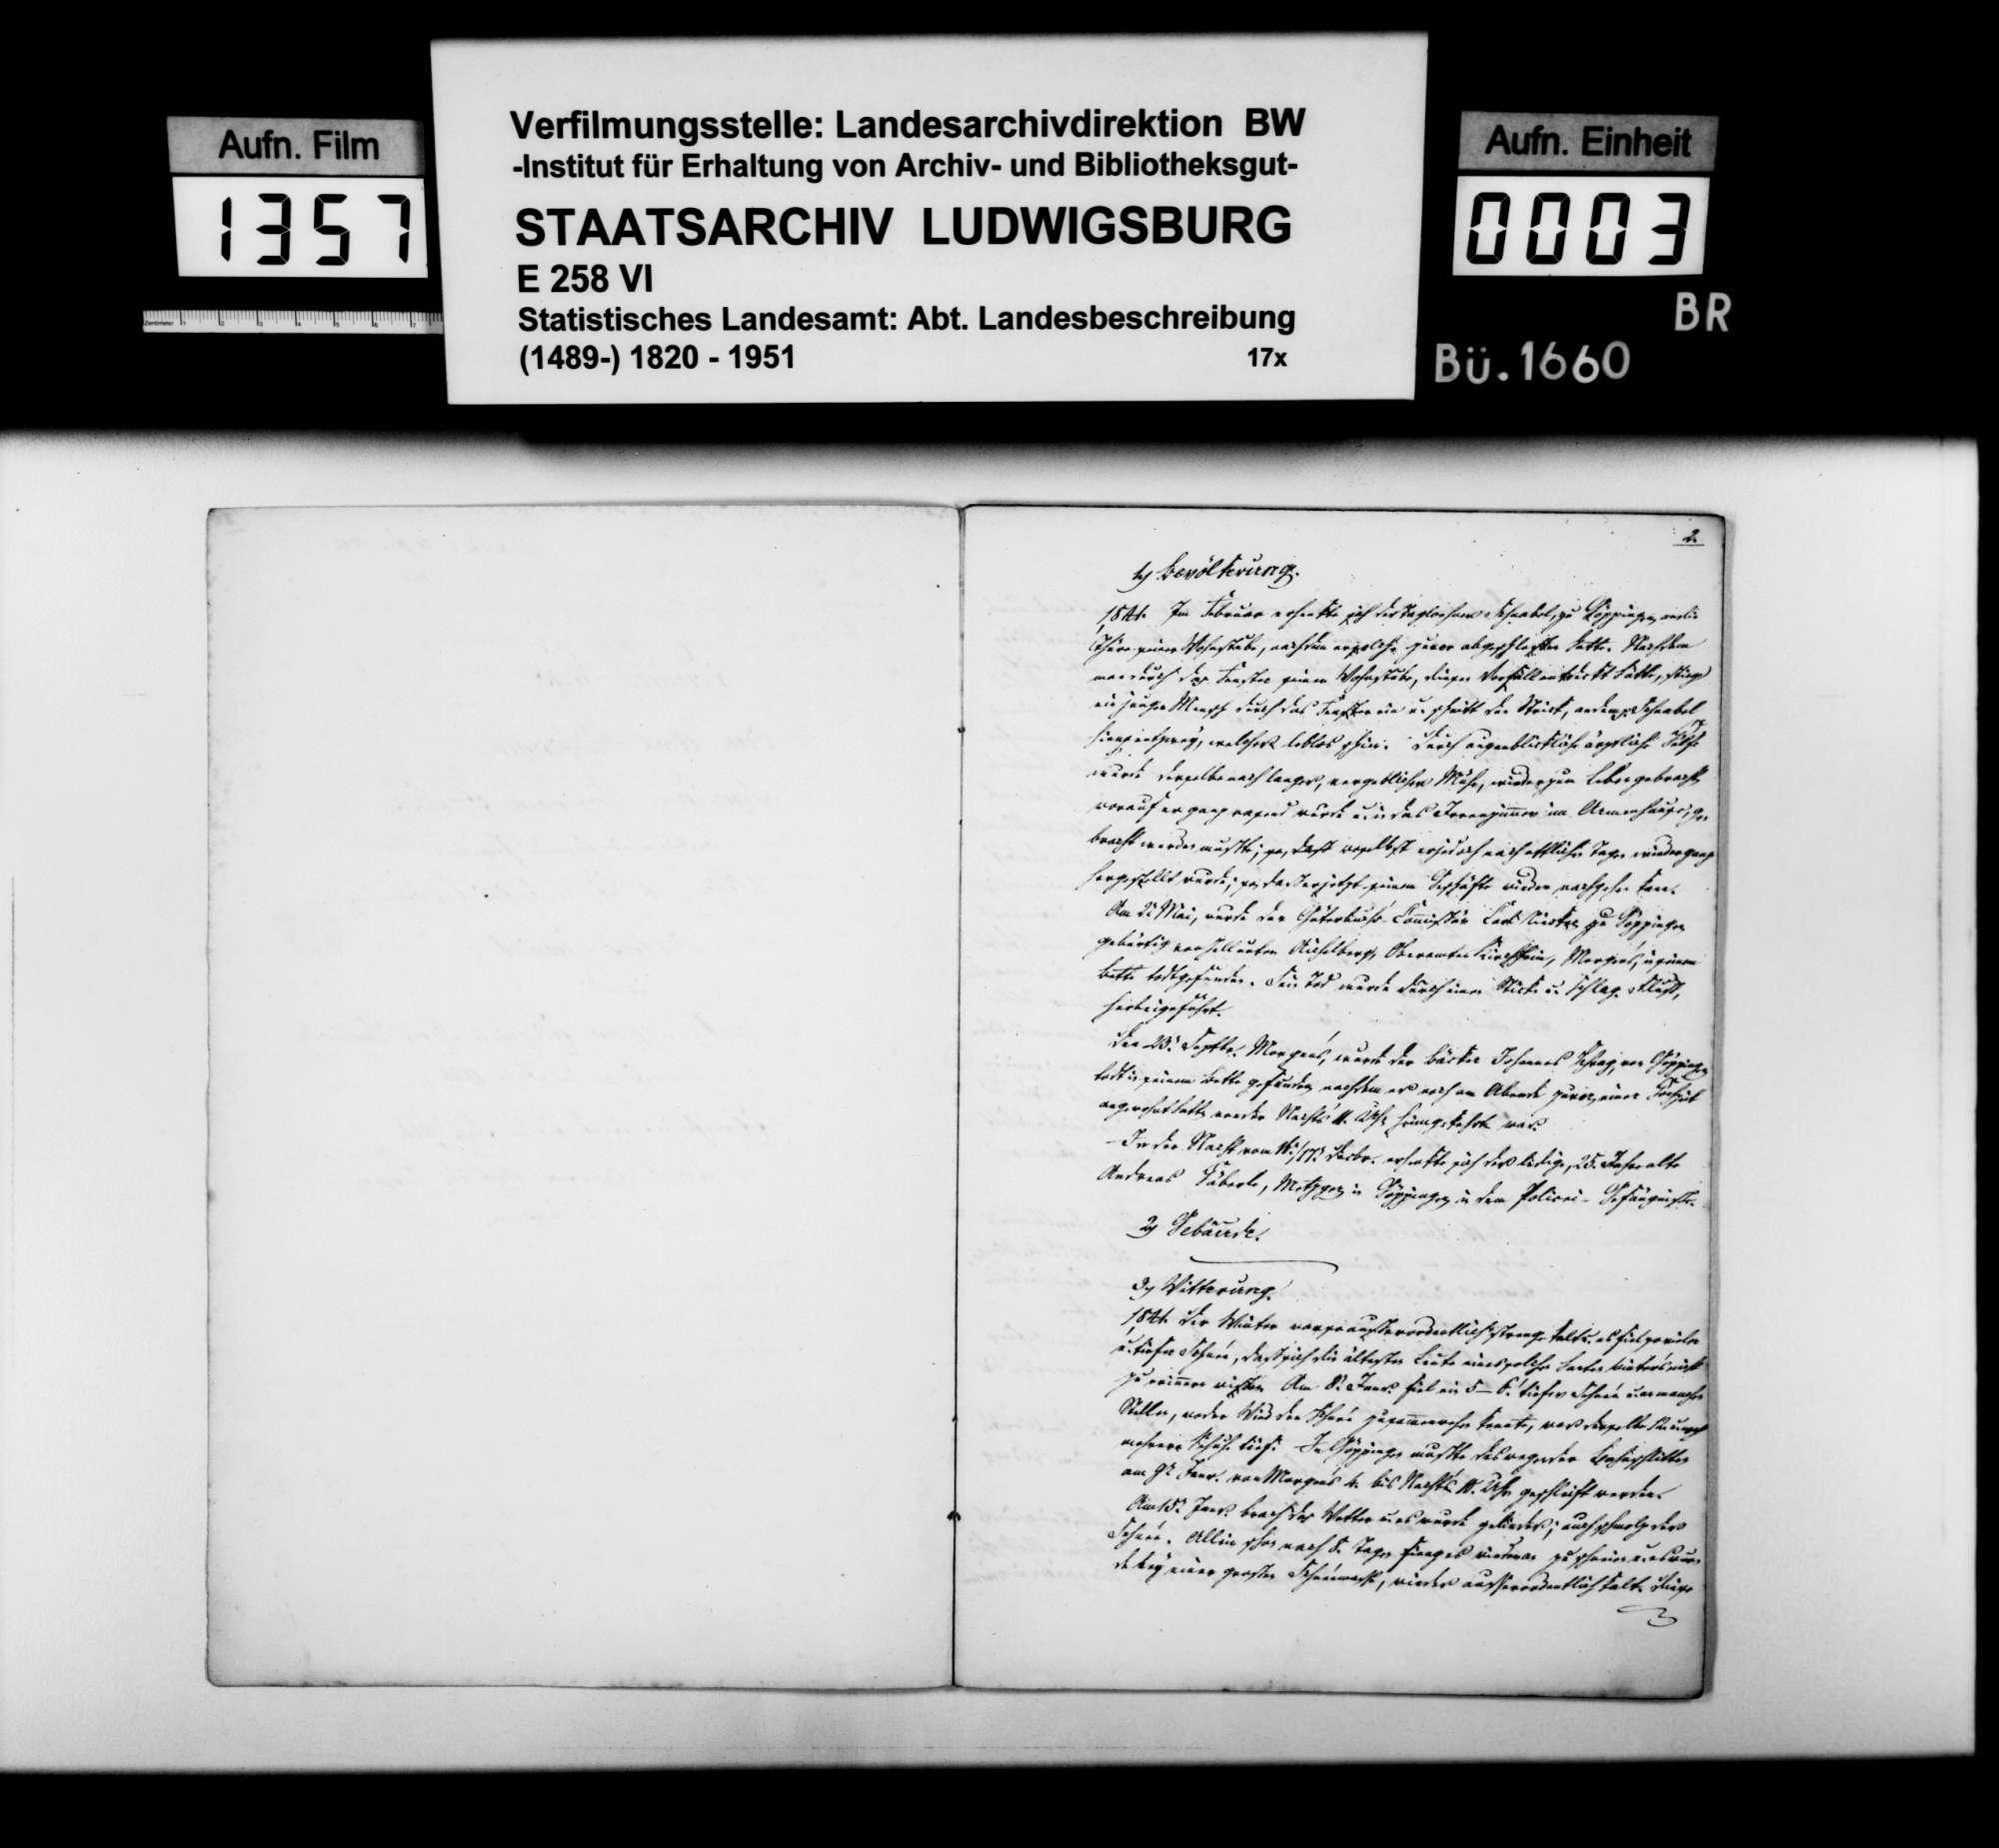 Jahreschronik der Stadt Göppingen für die Jahre 1841 und 1842, von Oberamtsarzt Dr. von Hartmann, Bild 2